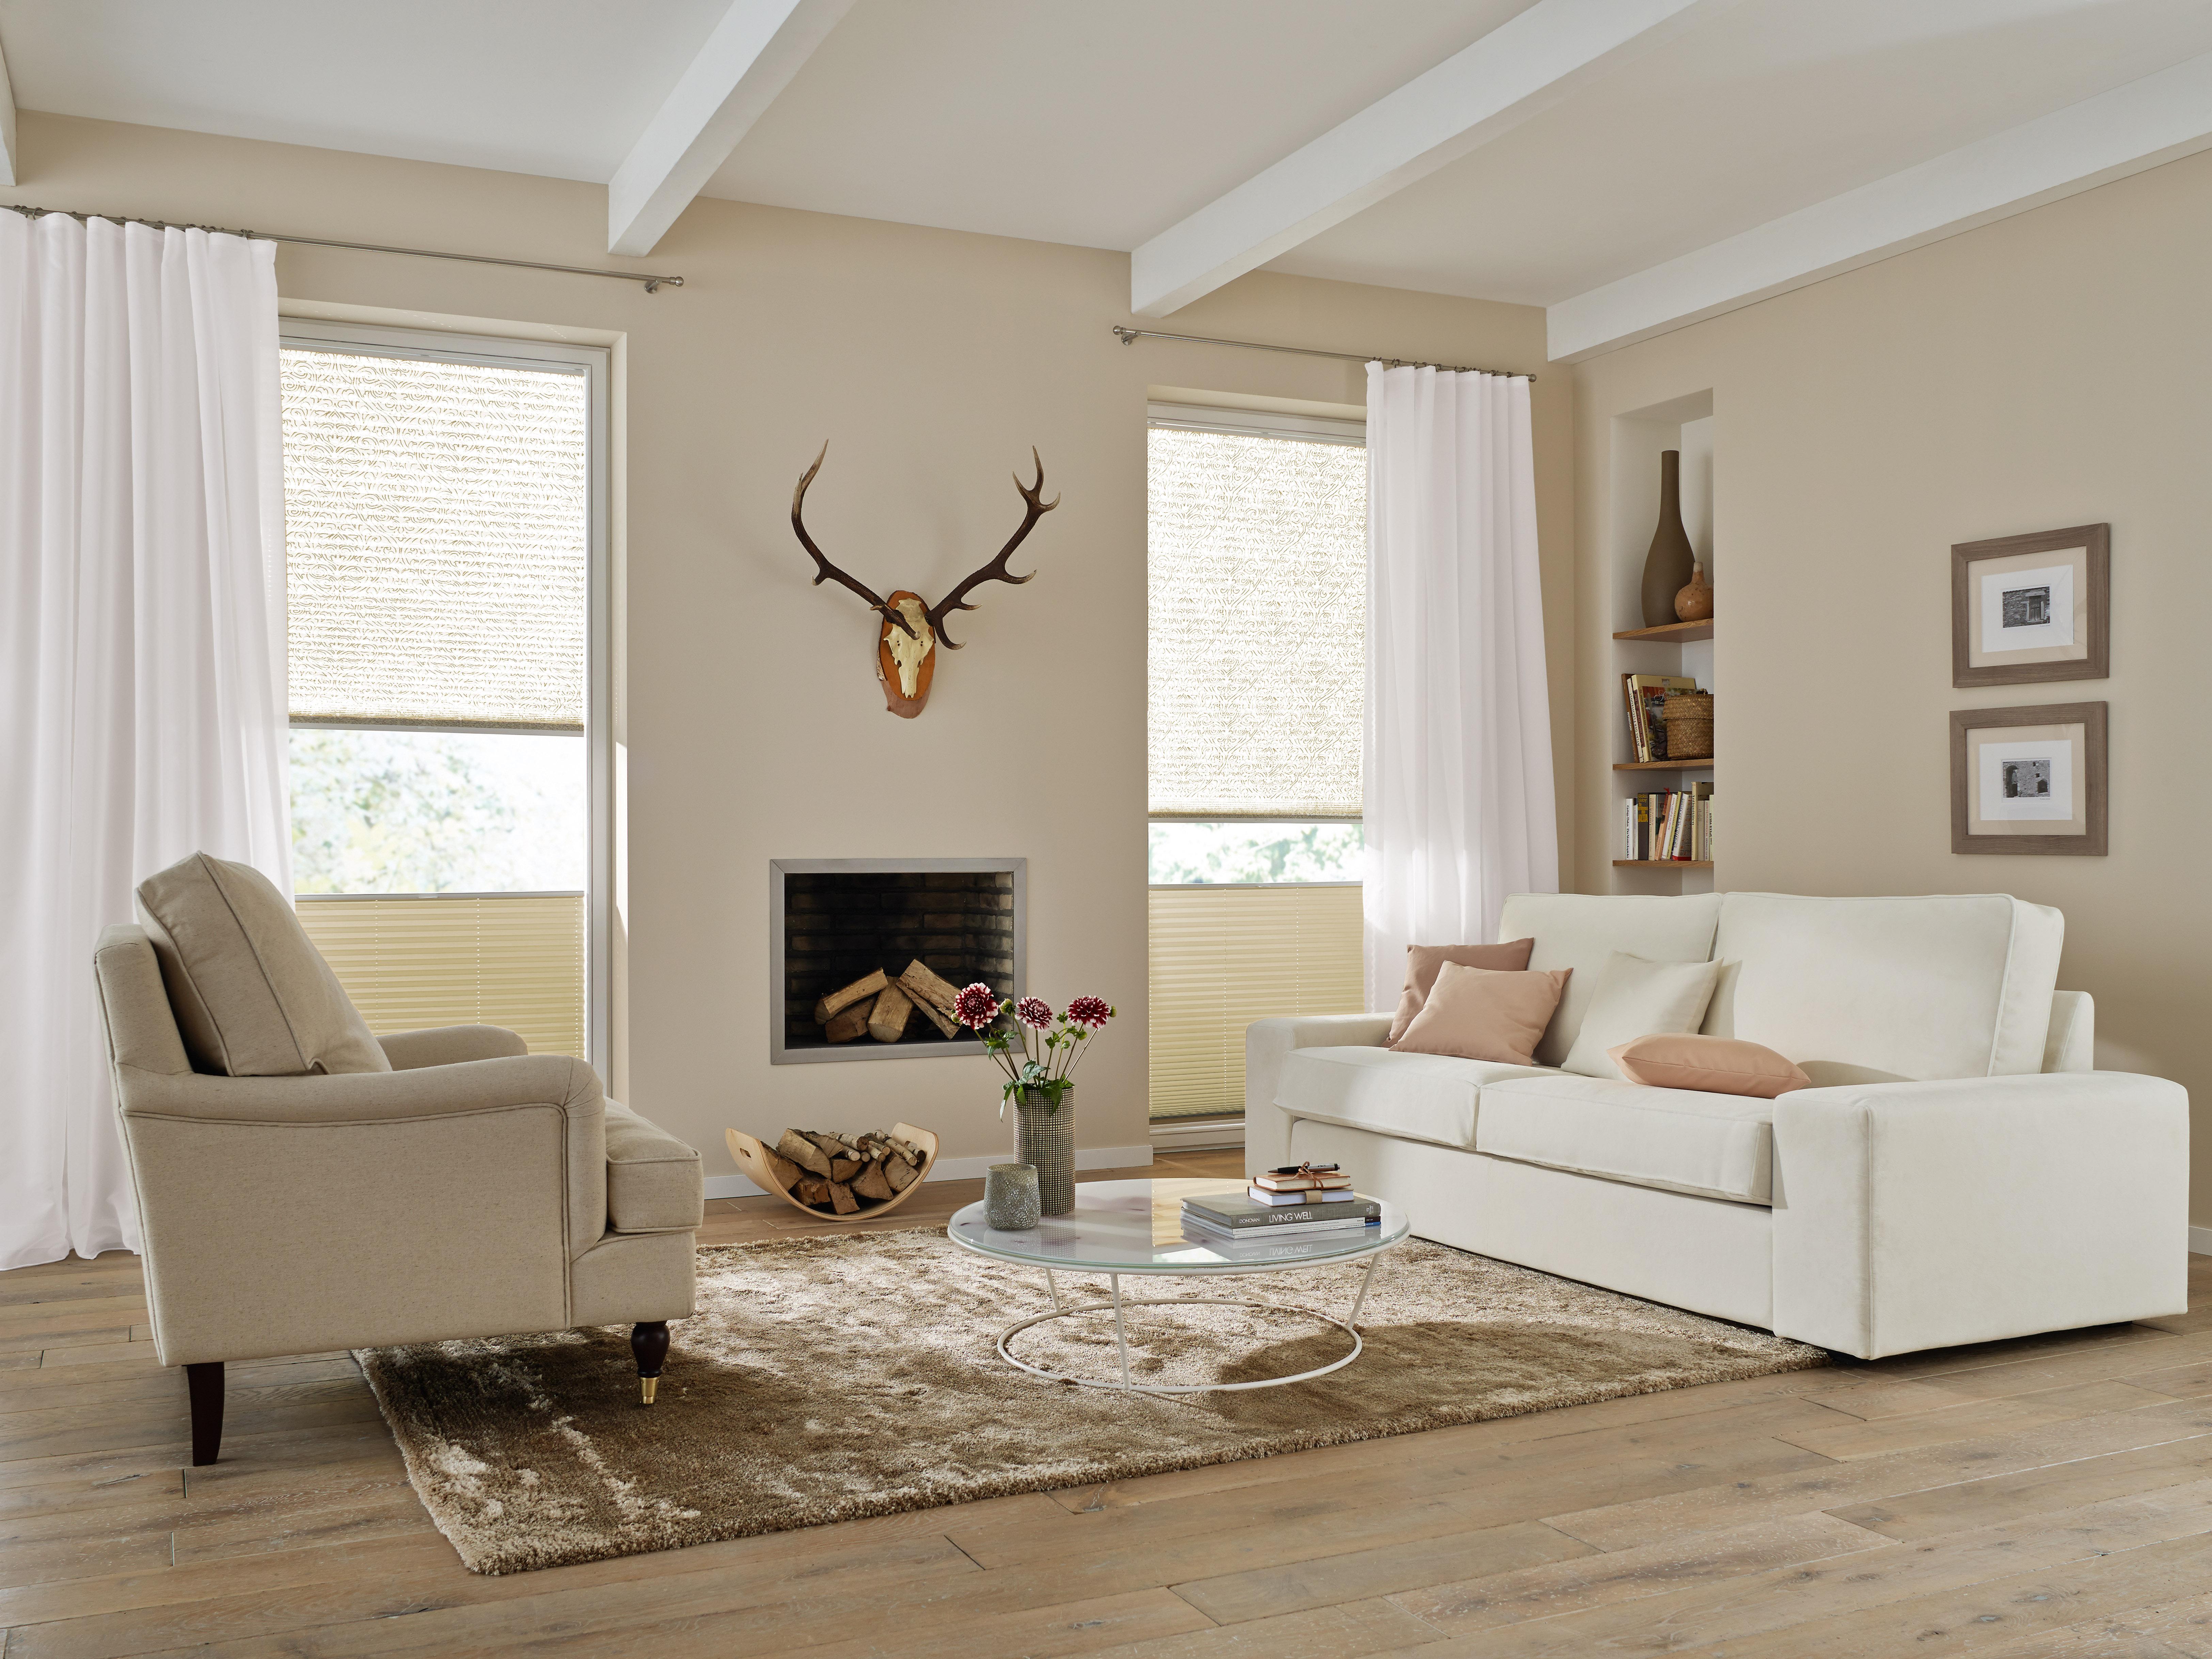 vorhang ideen für jeden raum im kreis lichtenfels, kulmbach & kronach, Schlafzimmer entwurf